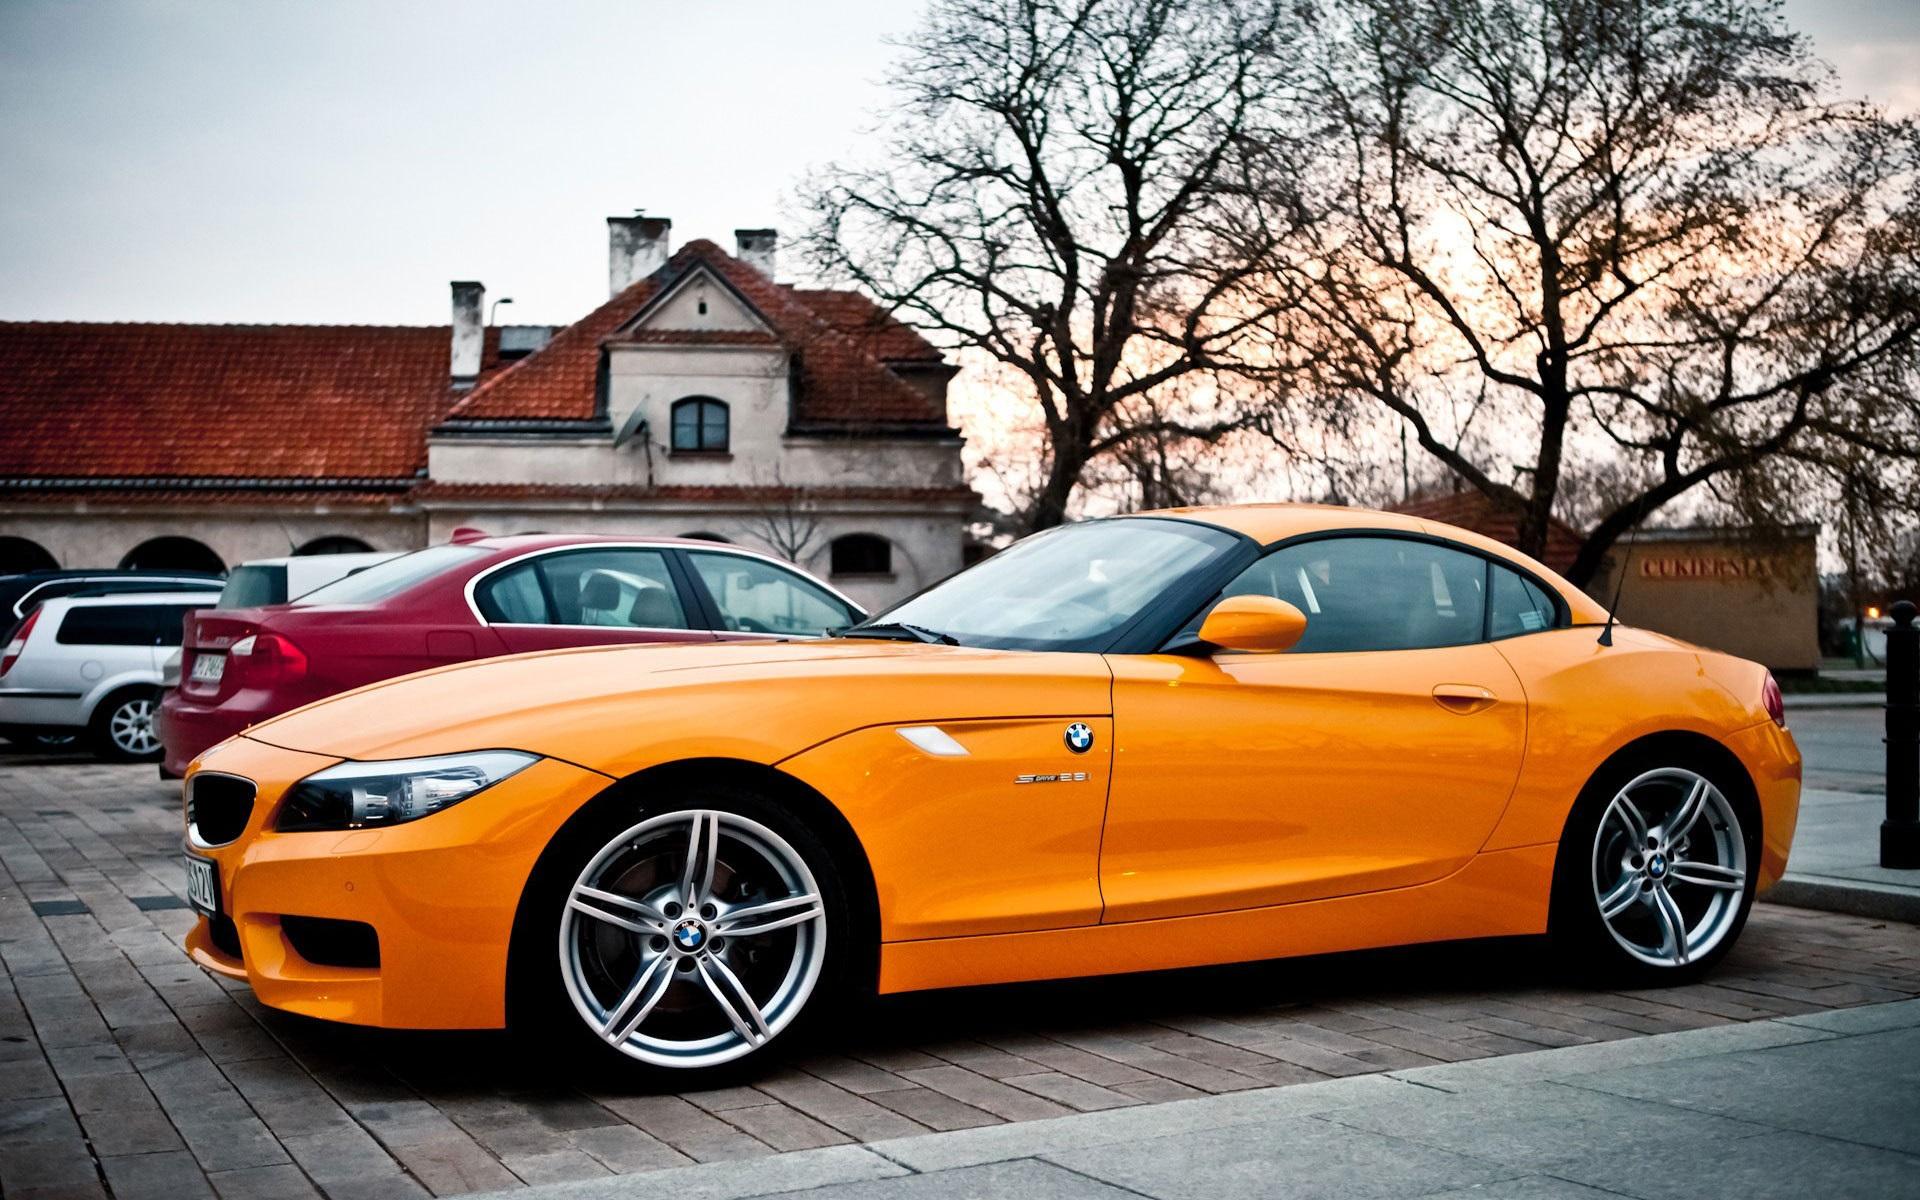 壁紙 Bmw Z4オレンジの車 1920x1200 Hd 無料のデスクトップの背景 画像